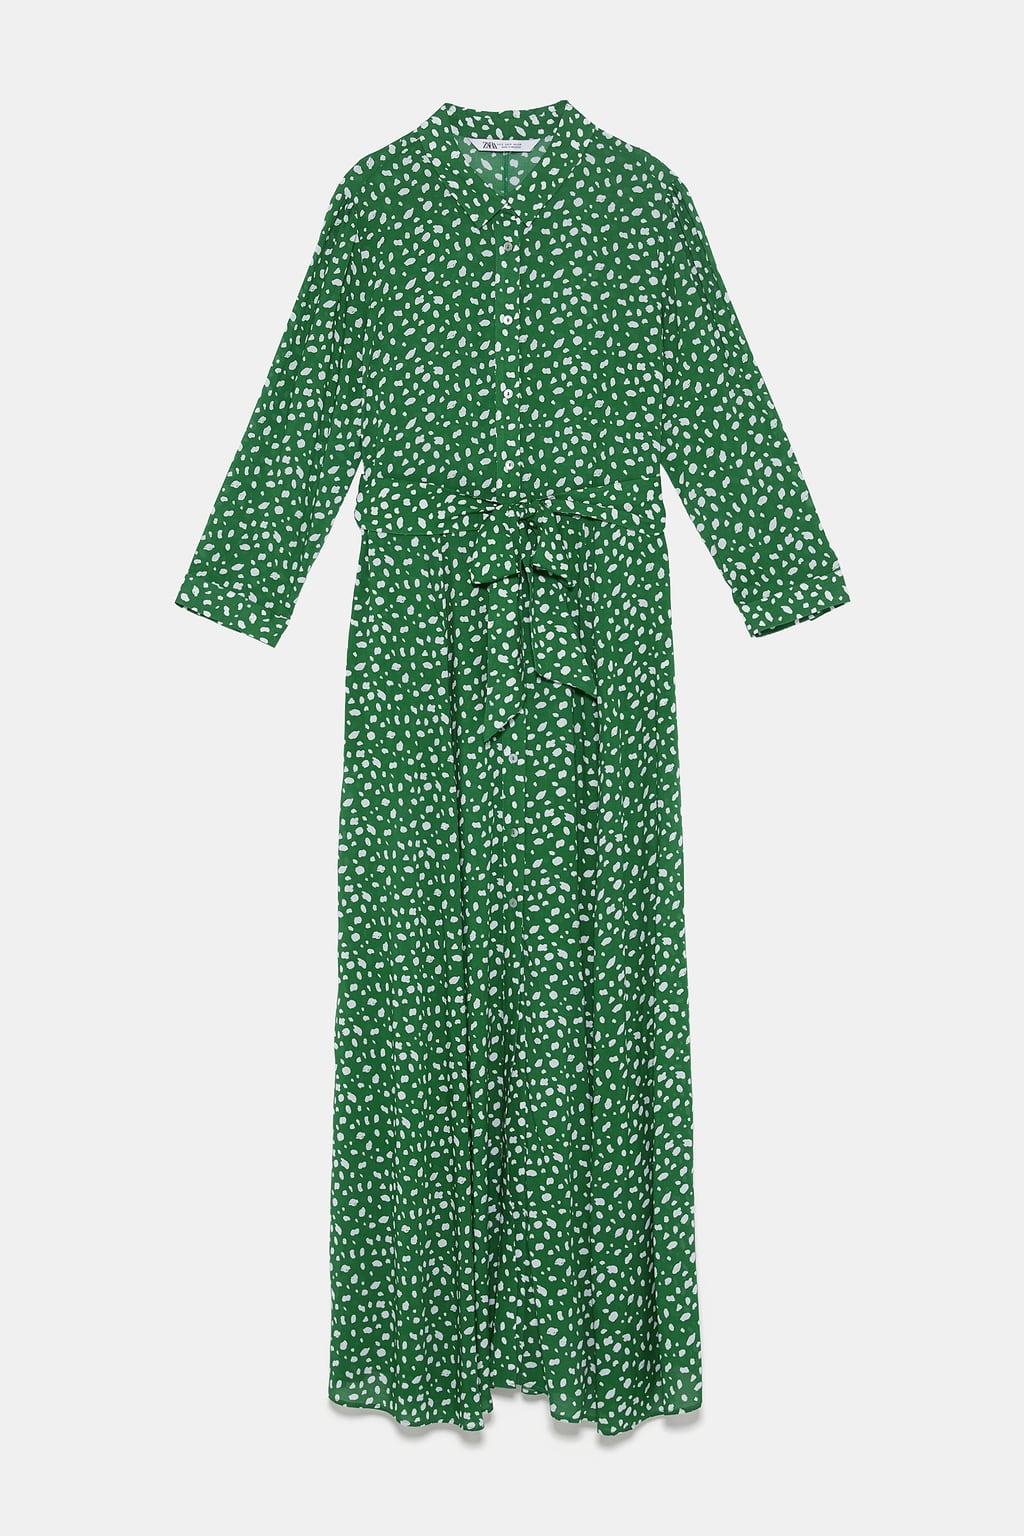 kjoler til hetebølge - 1